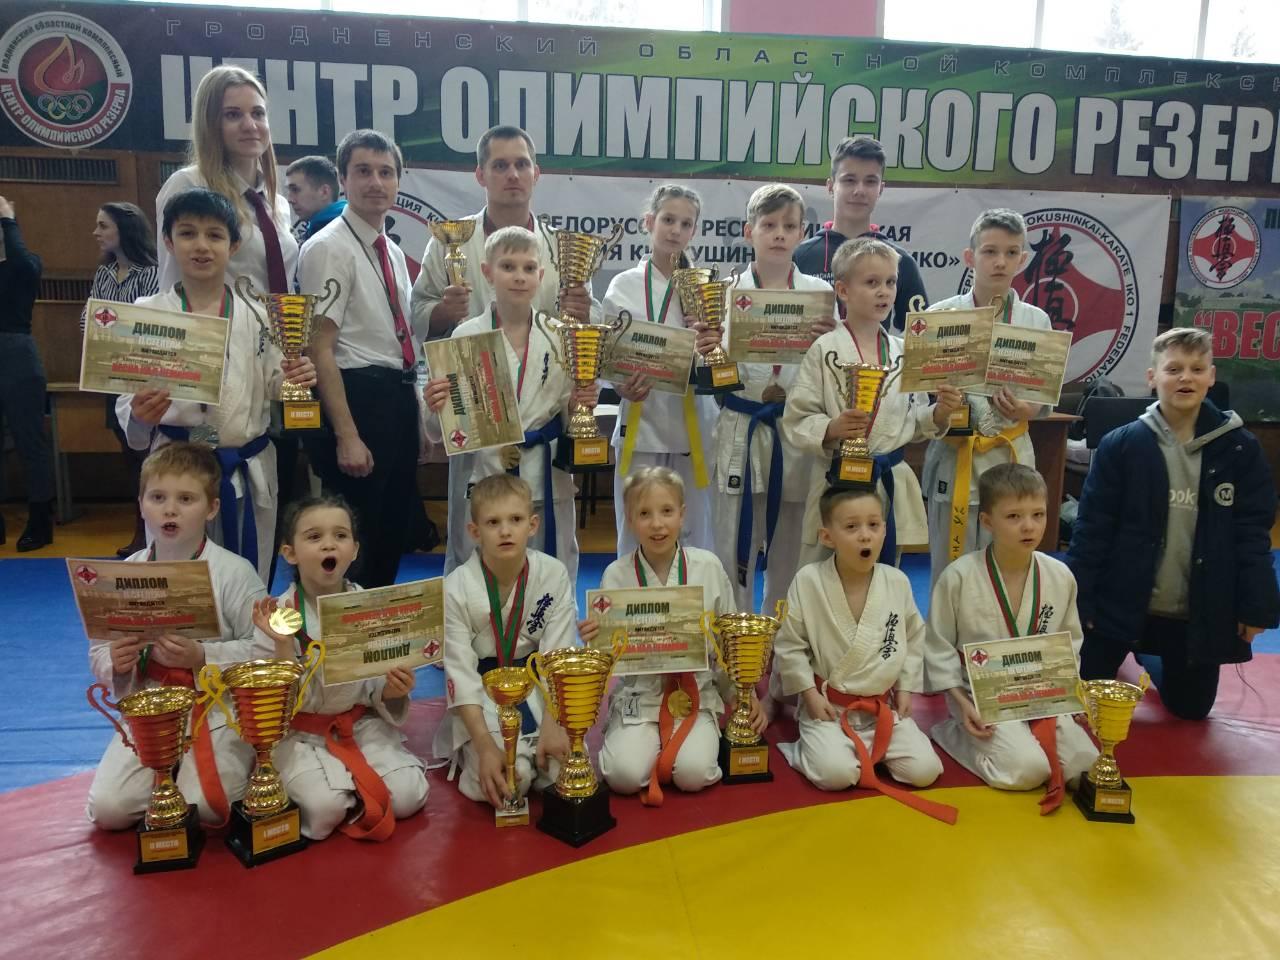 Результаты Чемпионата Беларуси 2019, г. Гродно